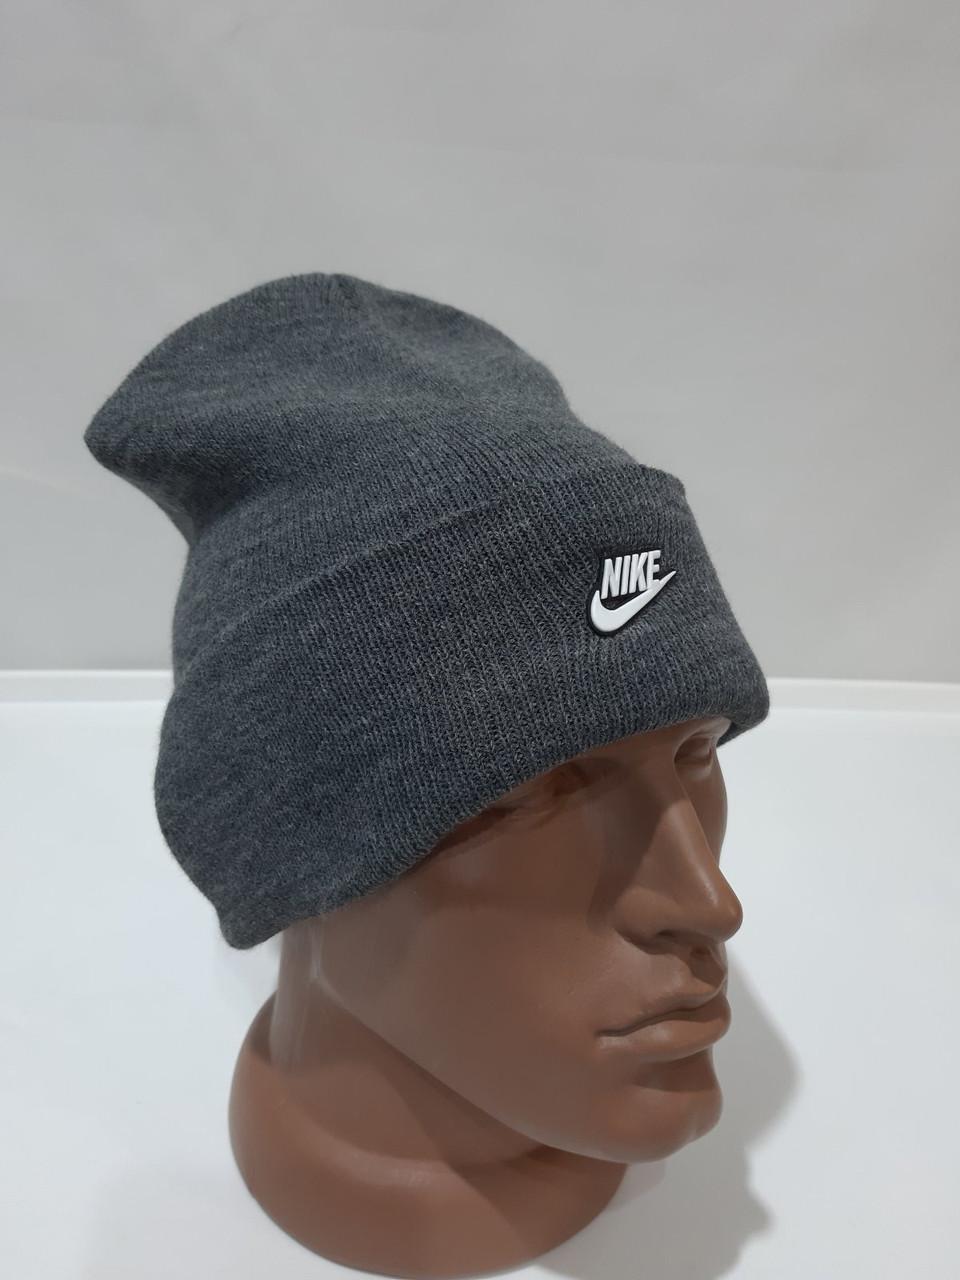 Мужская зимняя шапка светло-серая шерстяная с отворотом отличного качества